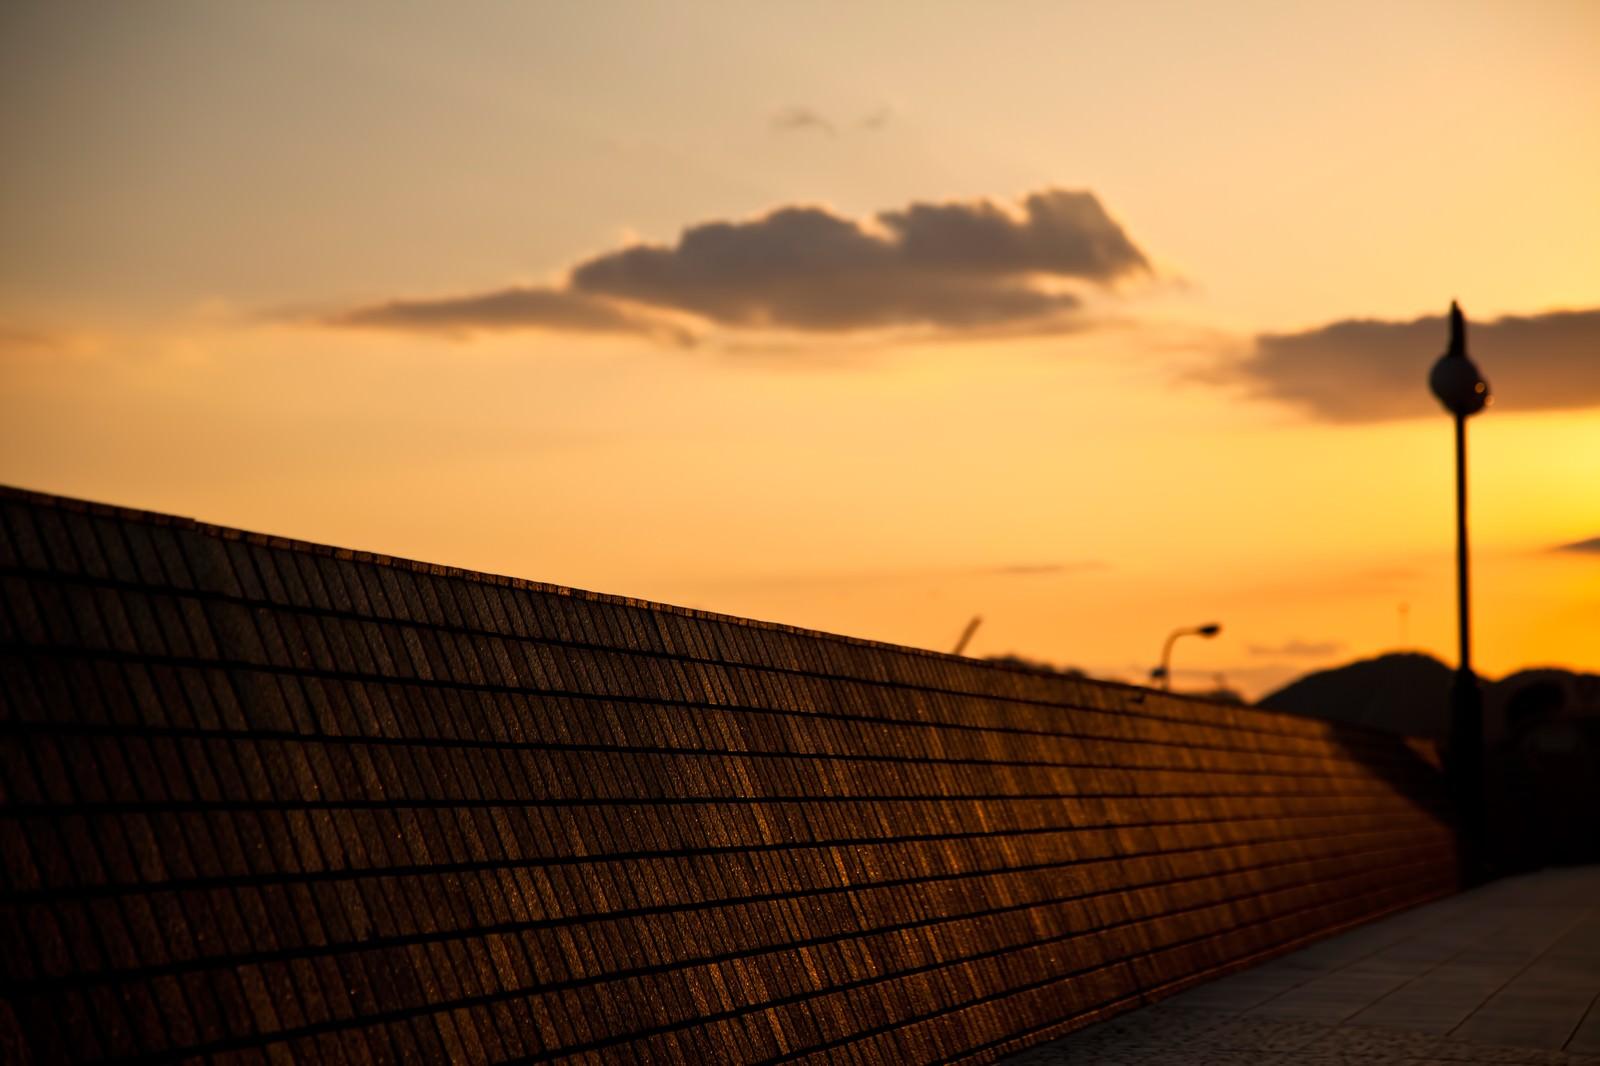 「夕暮れの防波堤」の写真